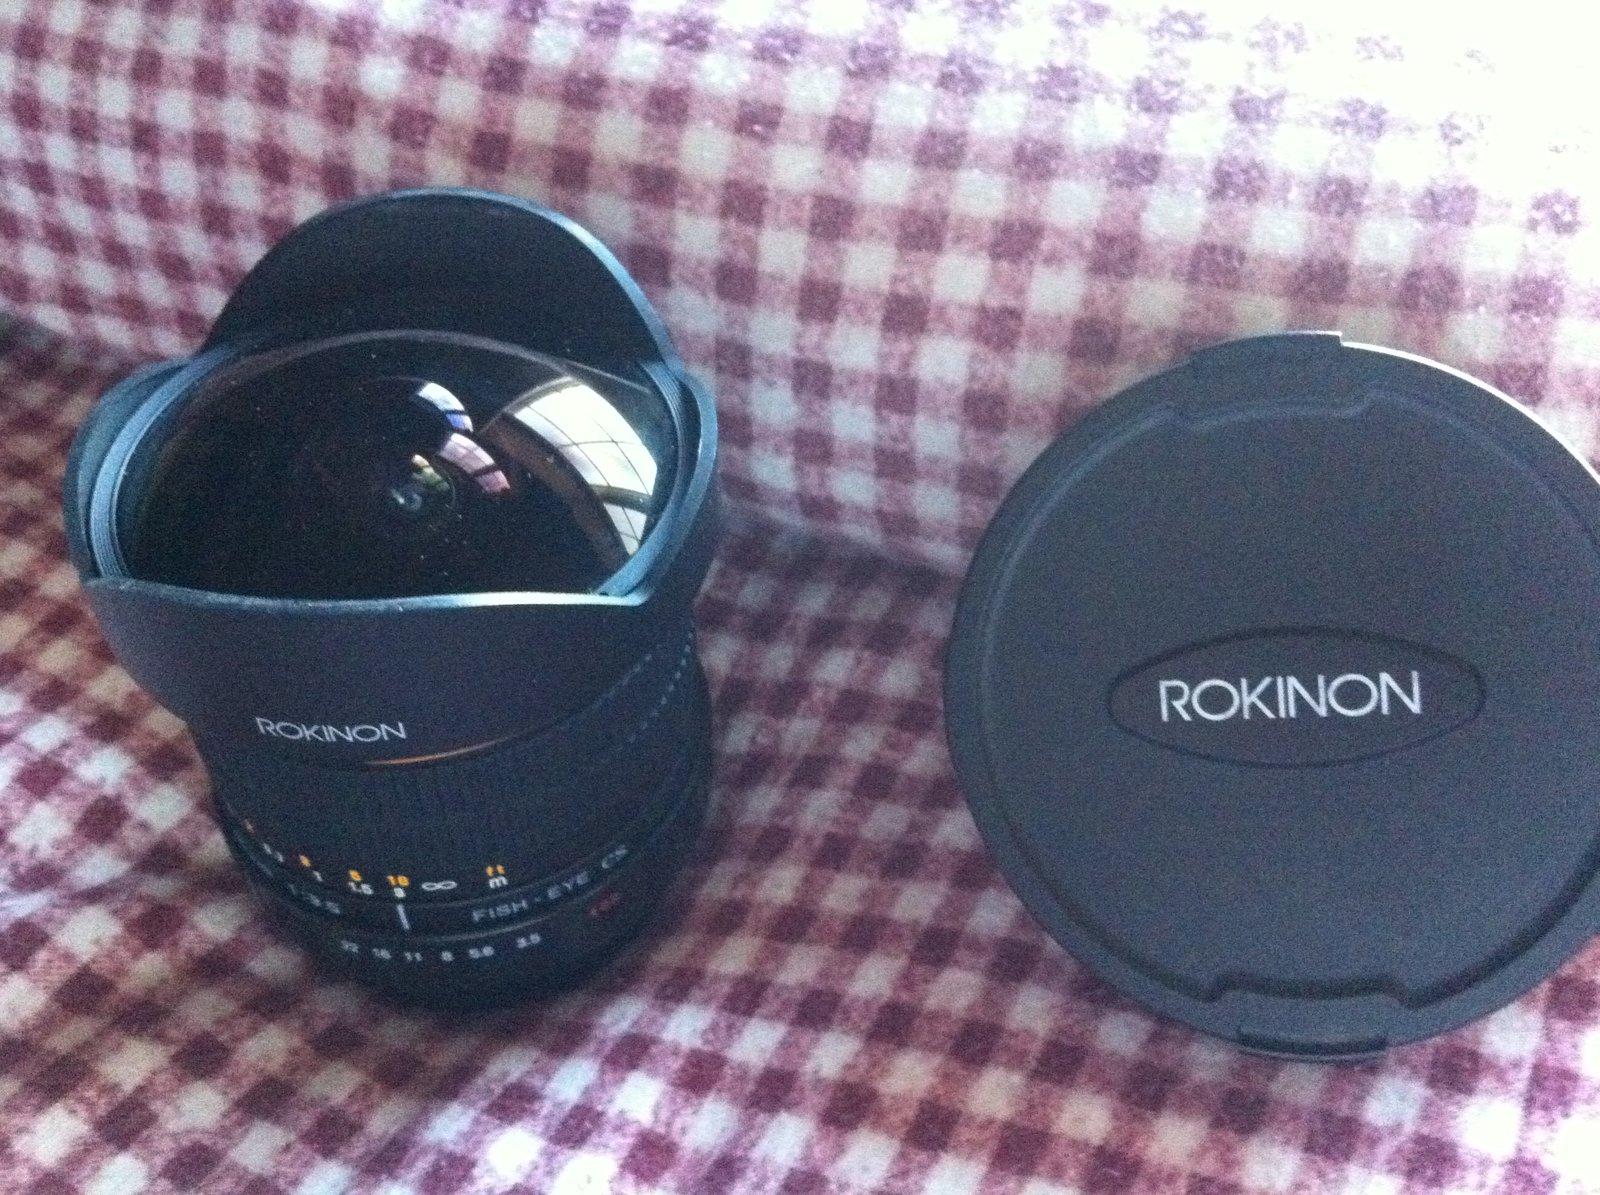 rokinon 8mm fisheye